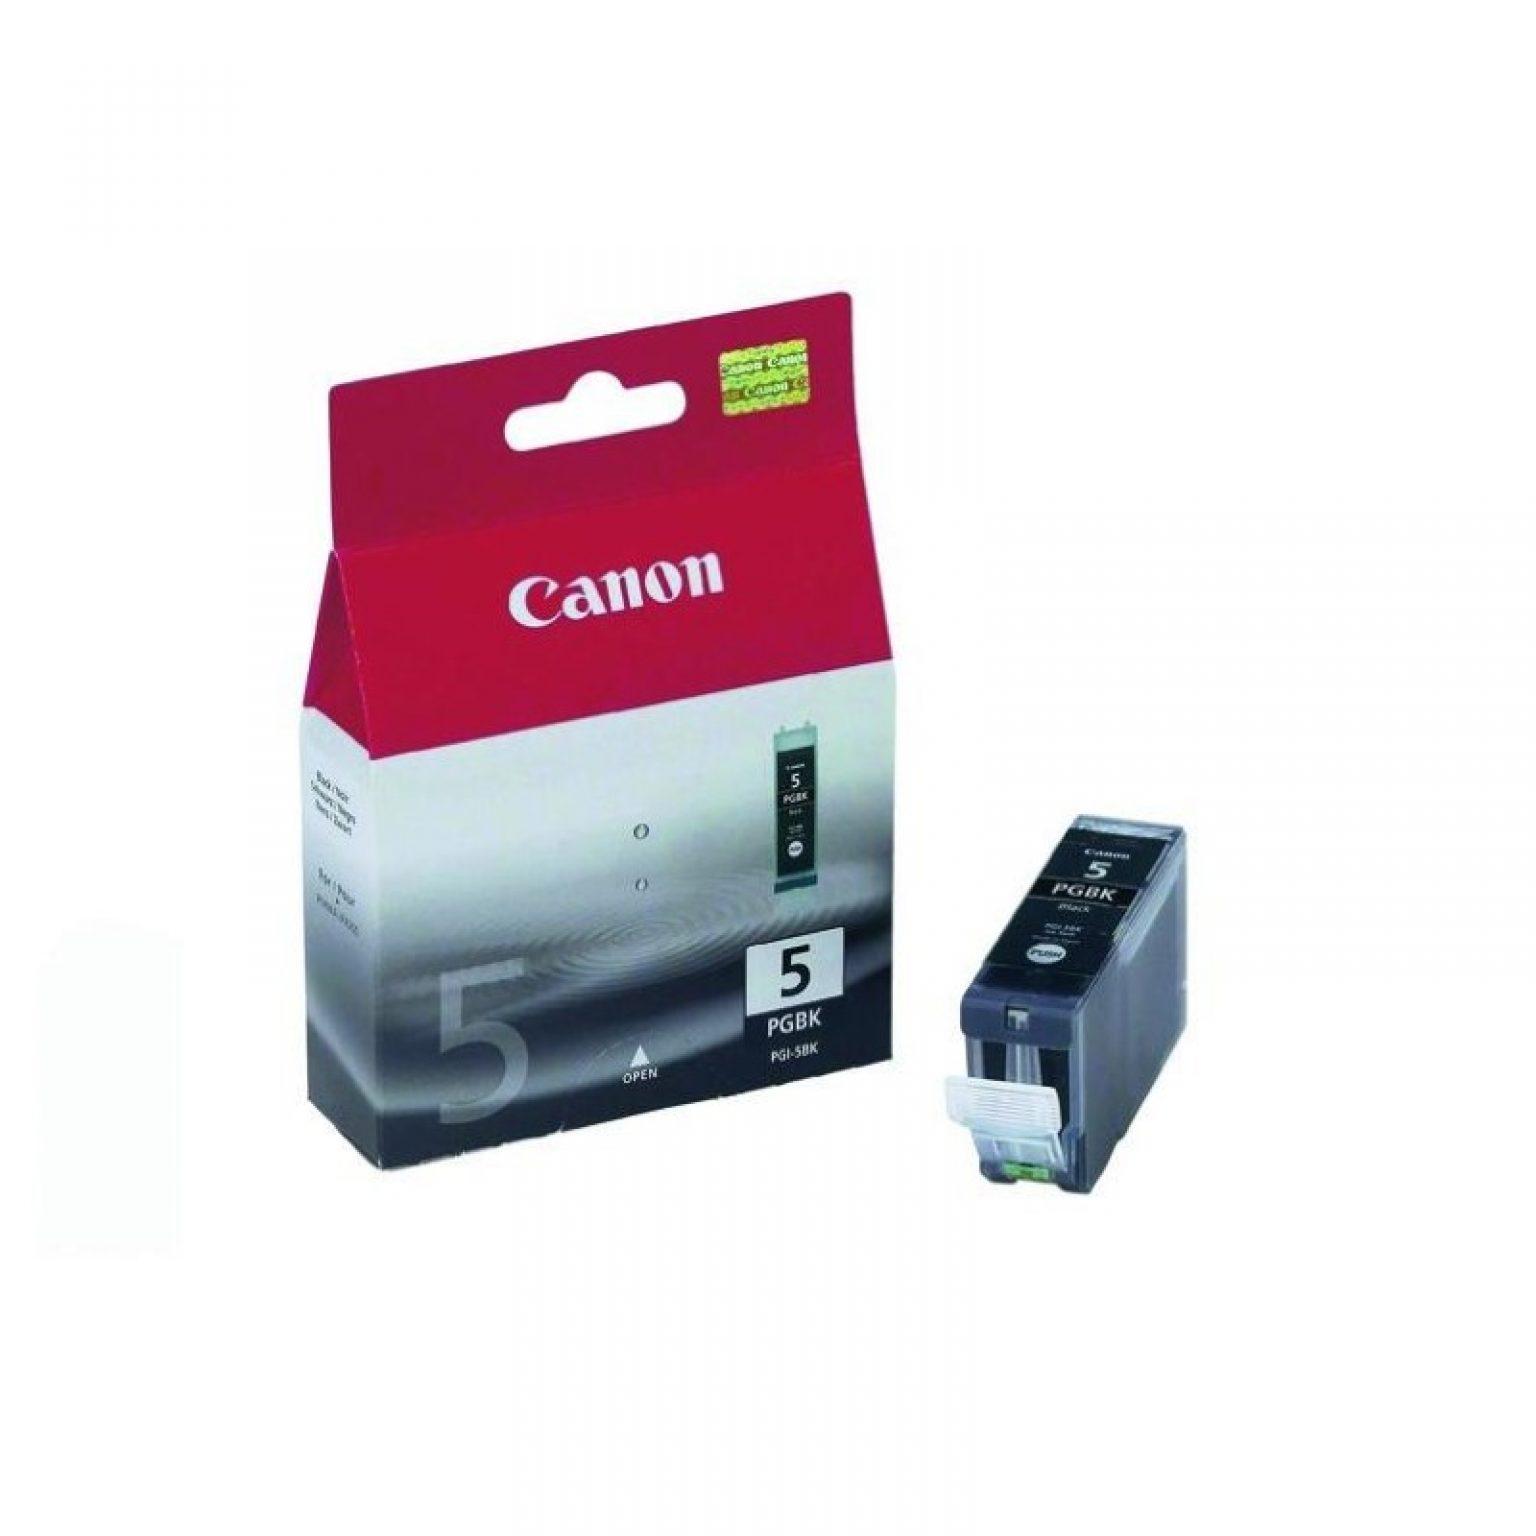 CANON - Ink Cartridge PGI-5 Black [PGI5B]